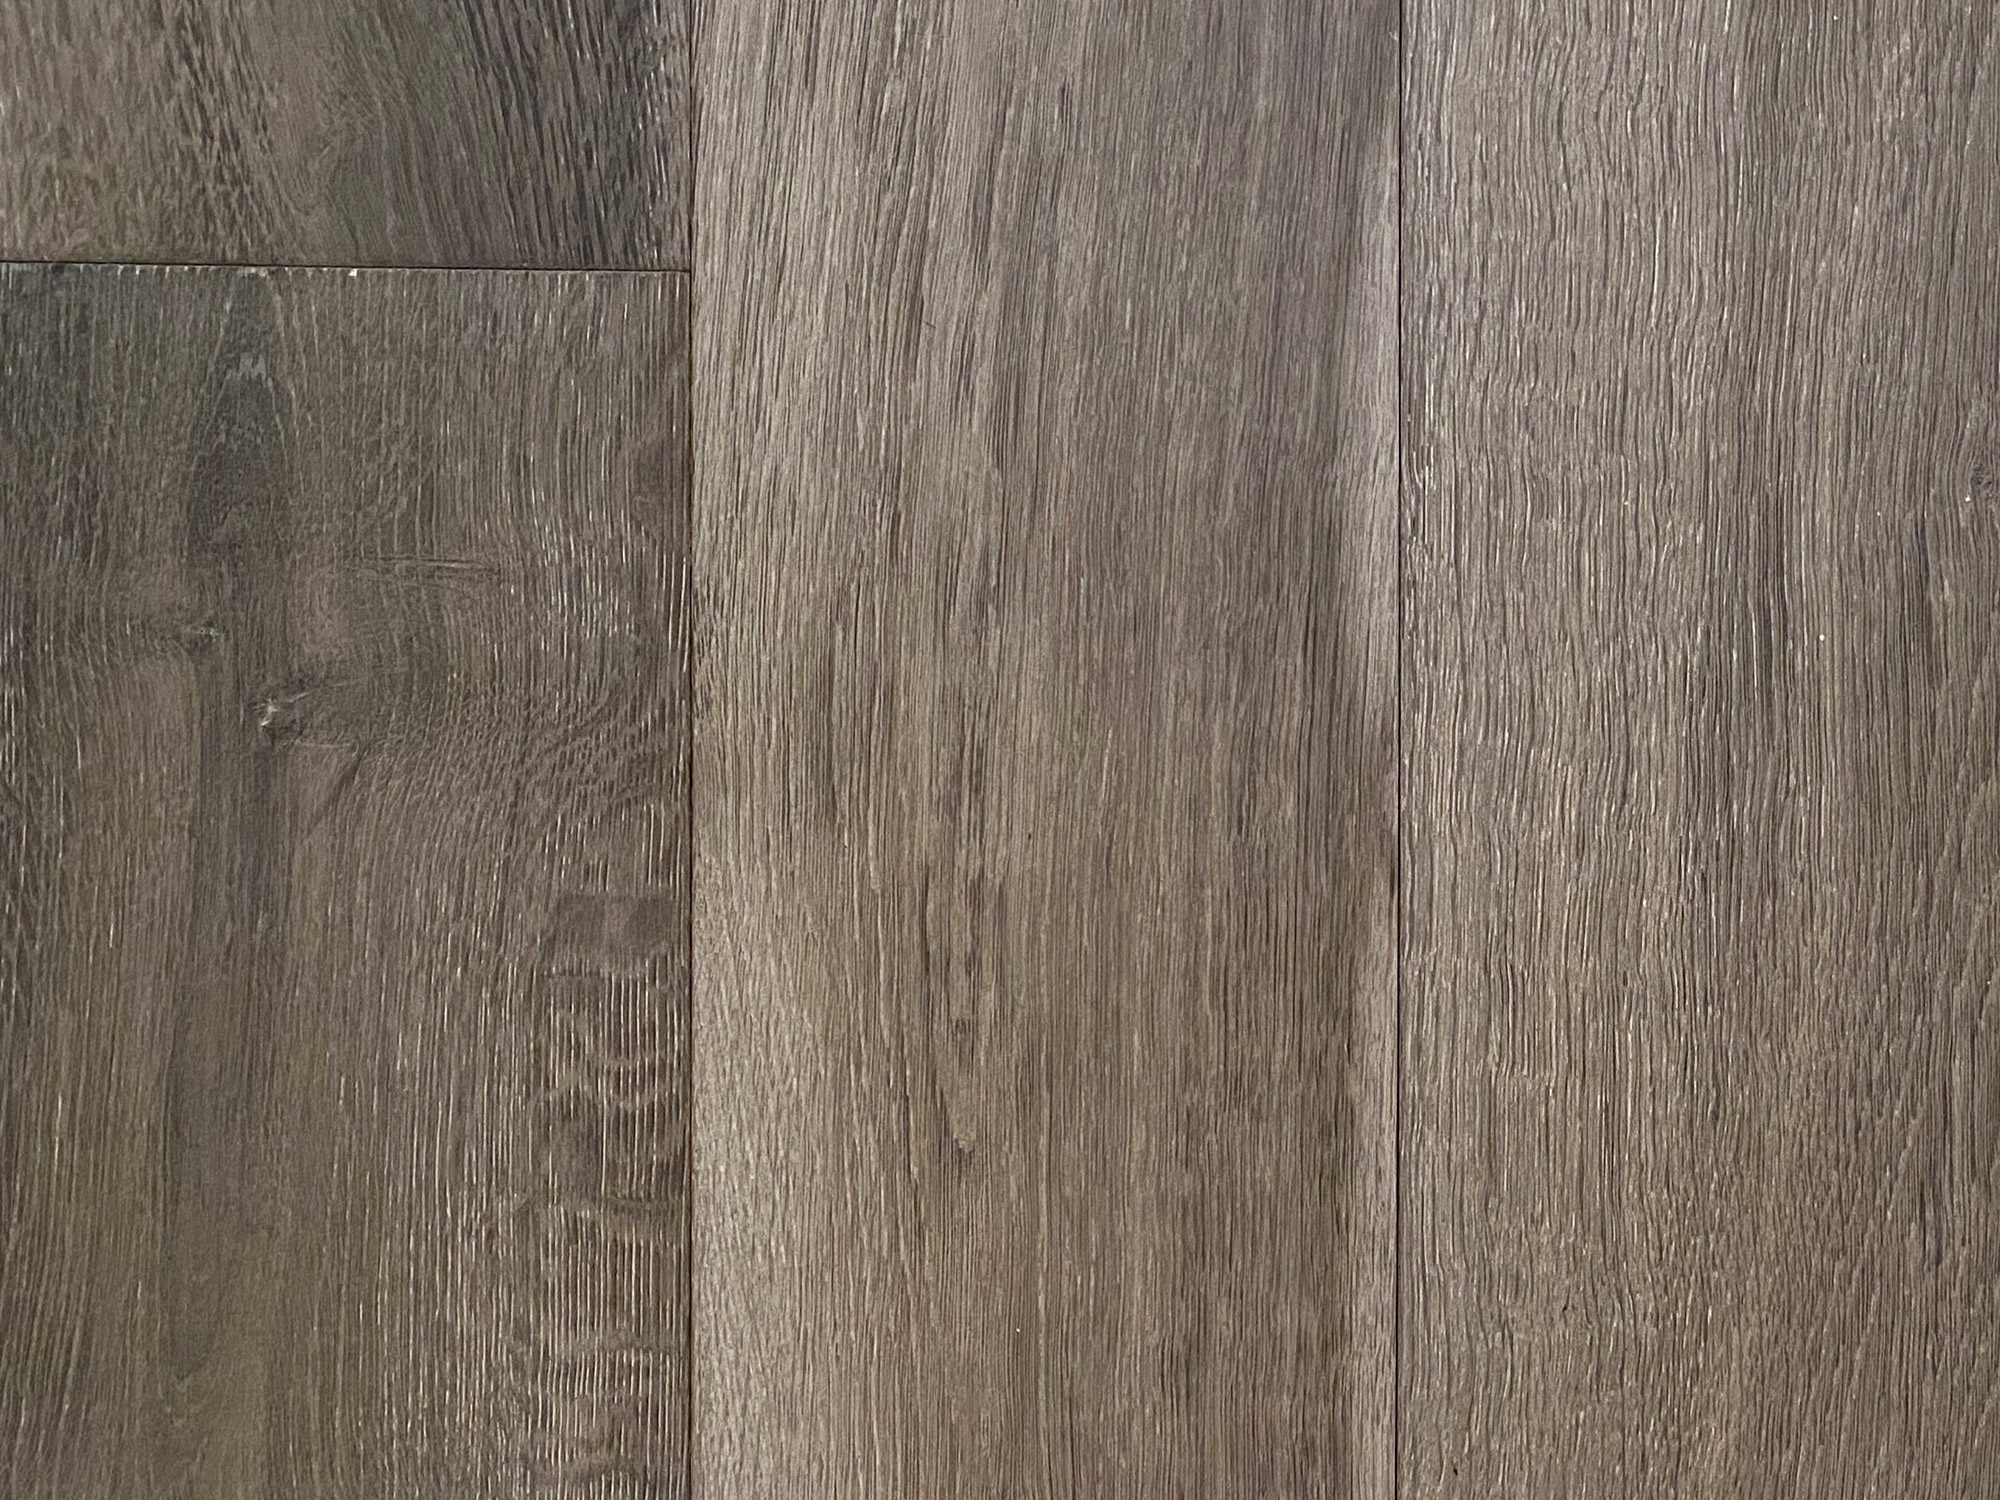 Slate oak engineered flooring